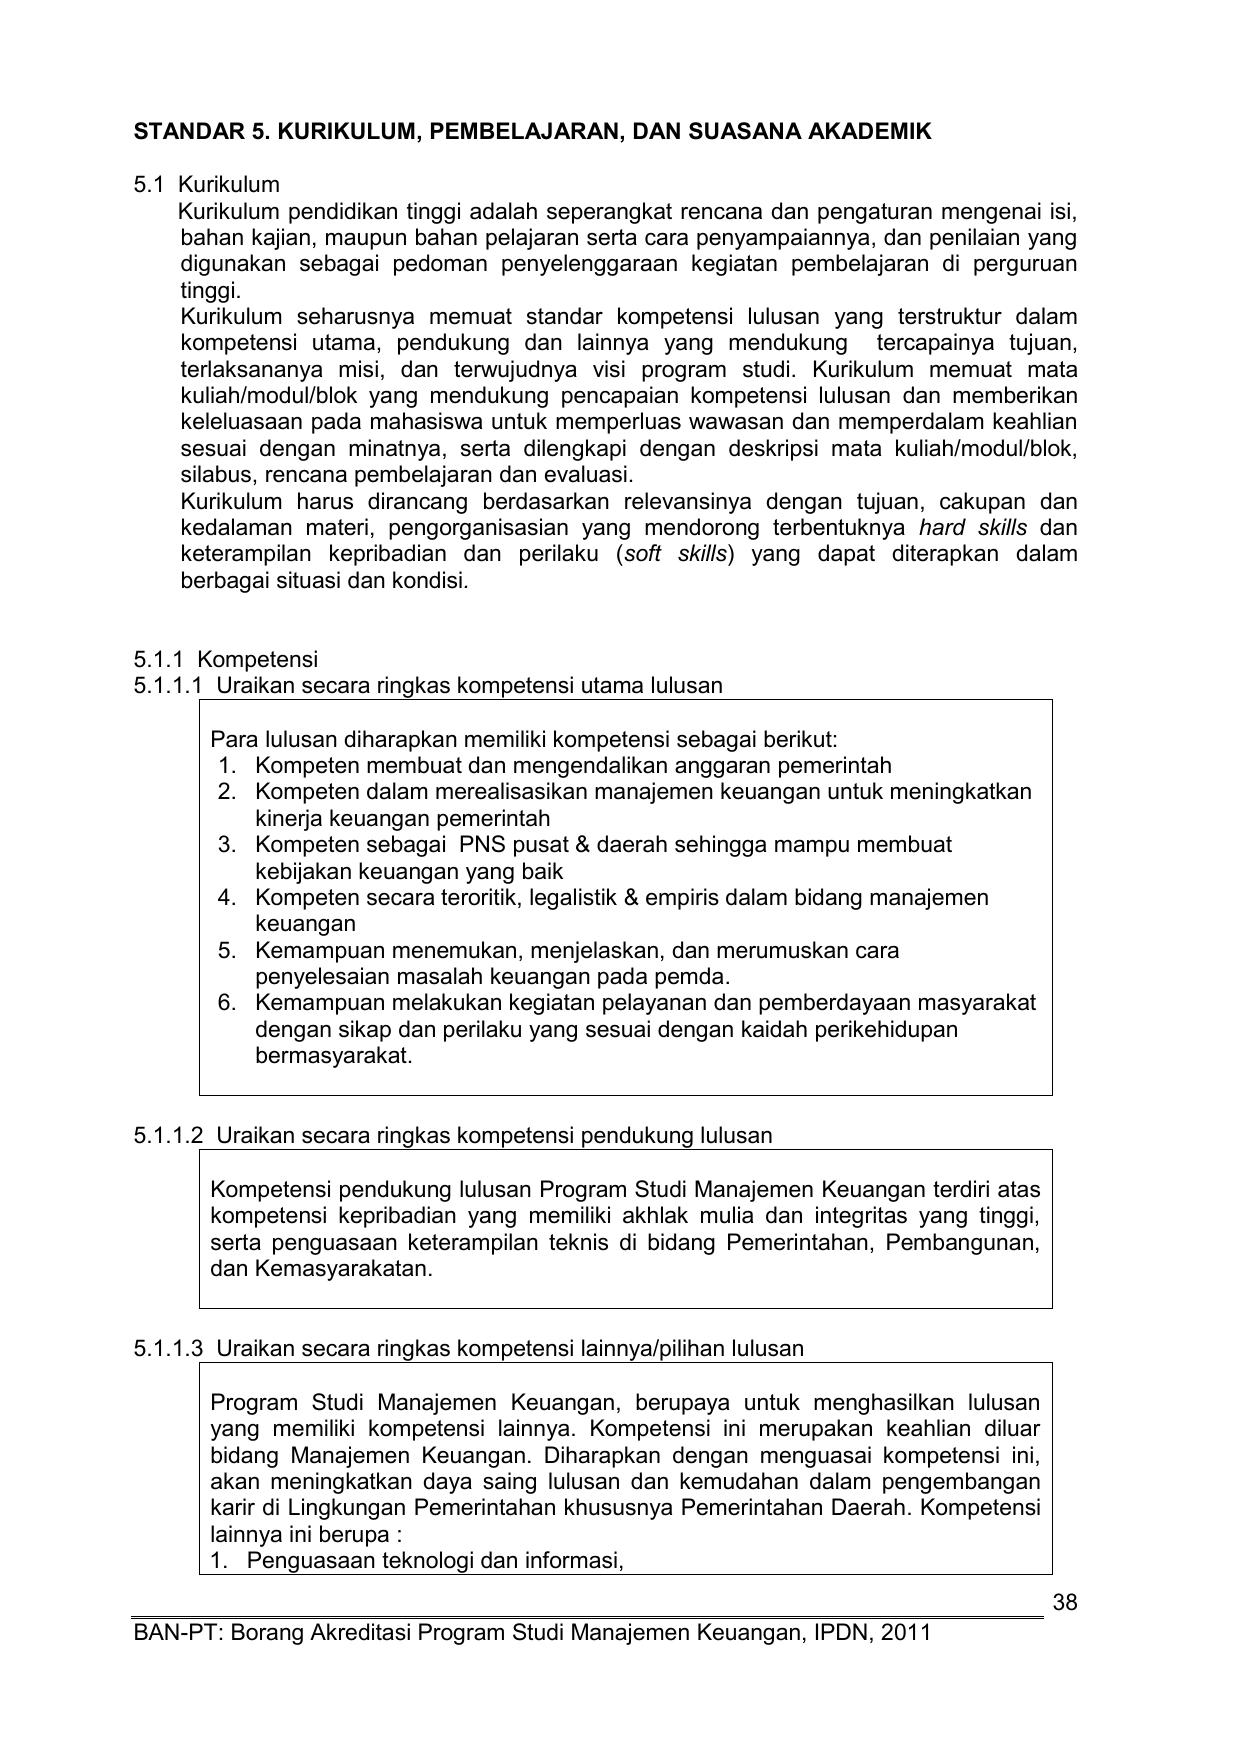 38 Ban Pt Borang Akreditasi Program Studi Manajemen